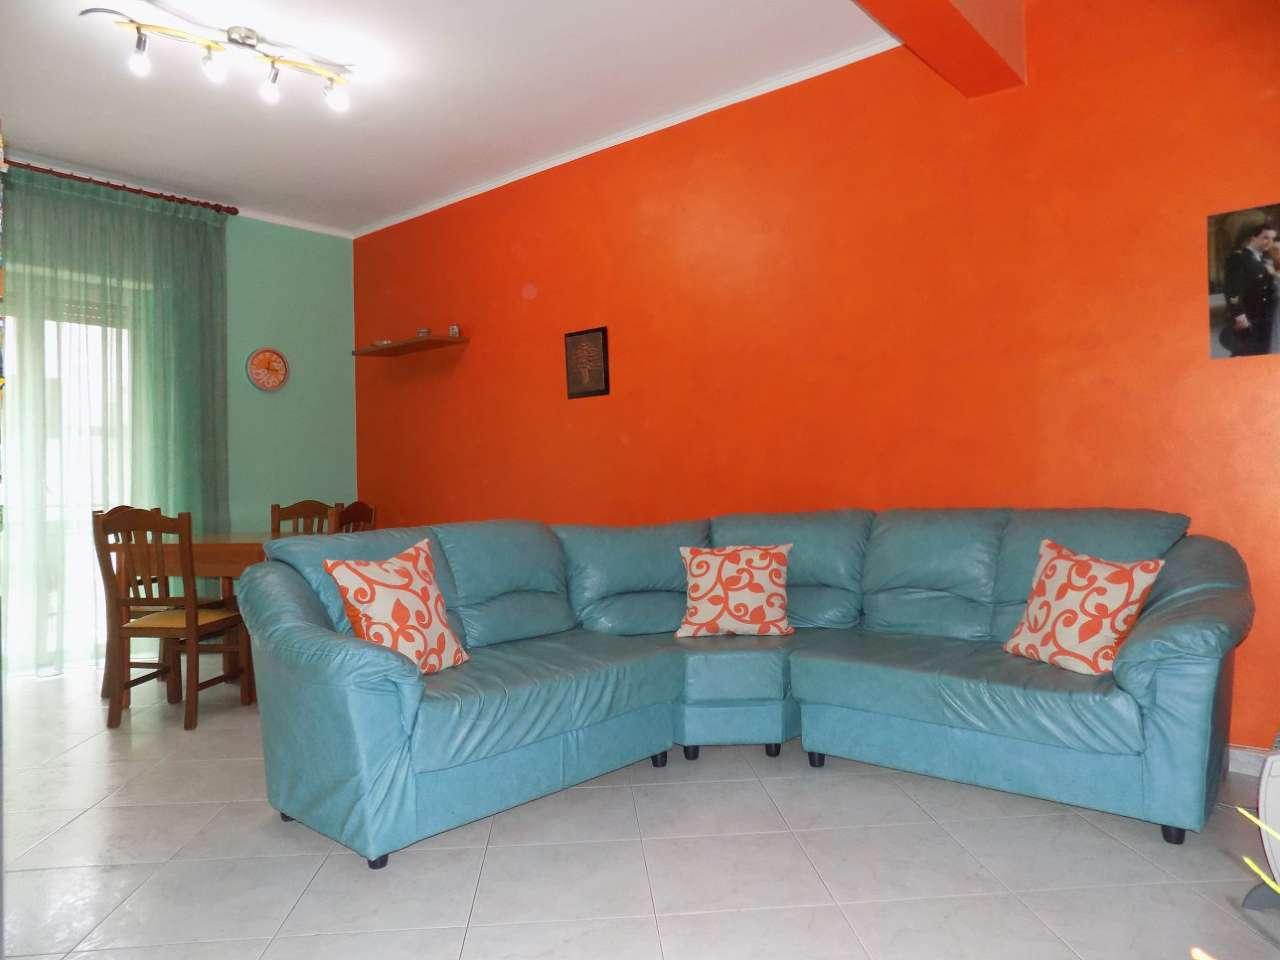 Appartamento in vendita a Casalnuovo di Napoli, 3 locali, prezzo € 120.000 | CambioCasa.it